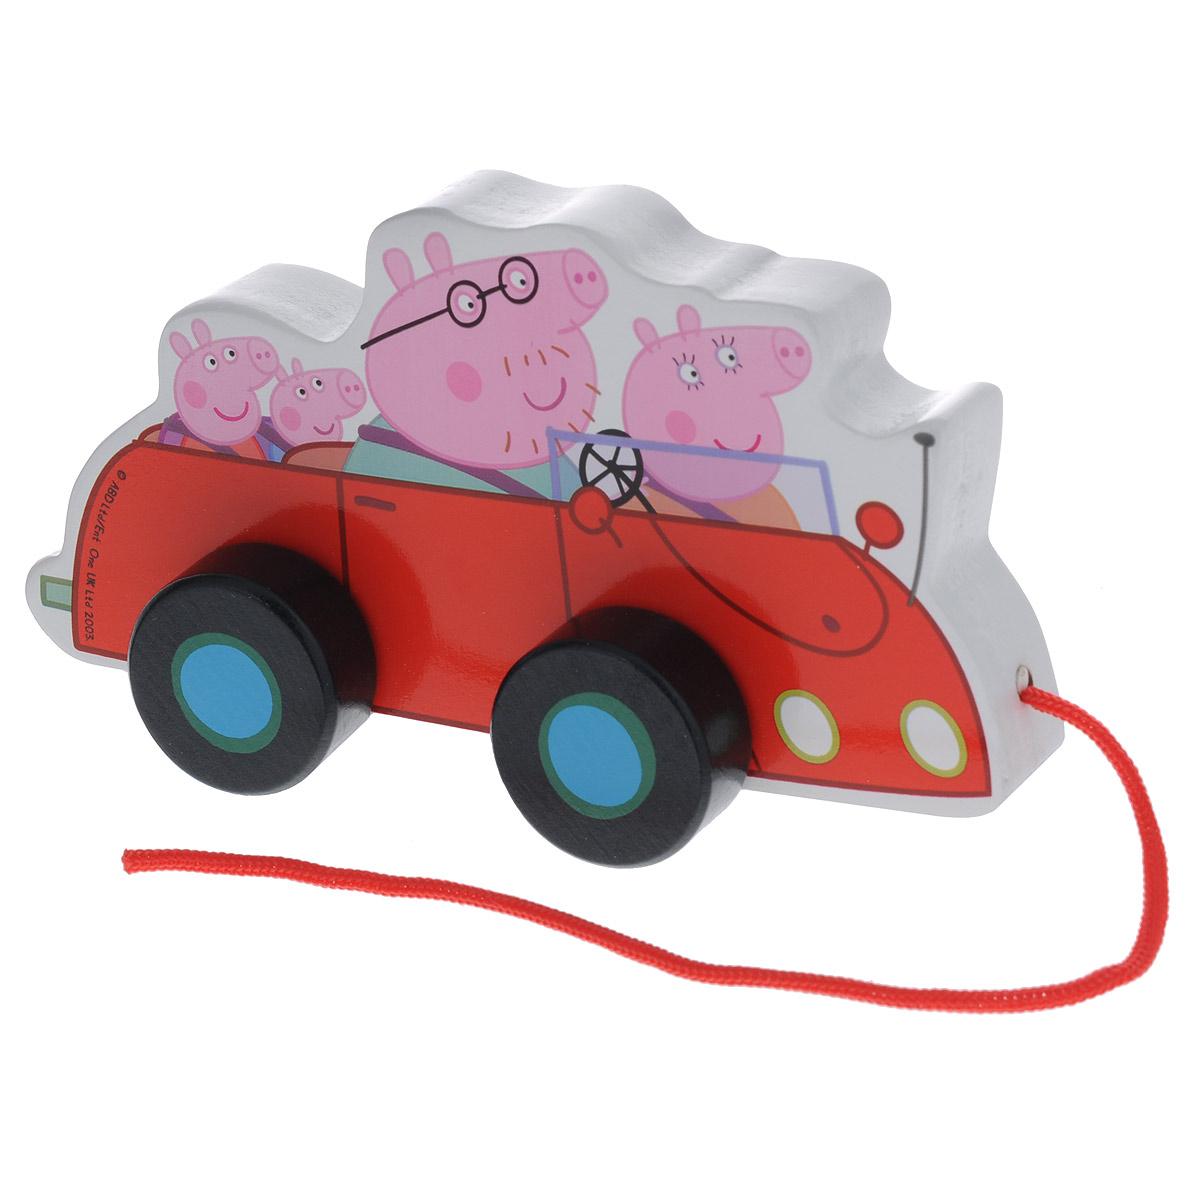 Деревянная игрушка-каталка Peppa Pig Машина семьи Пеппы origami пазл peppa pig семья пеппы 24 детали